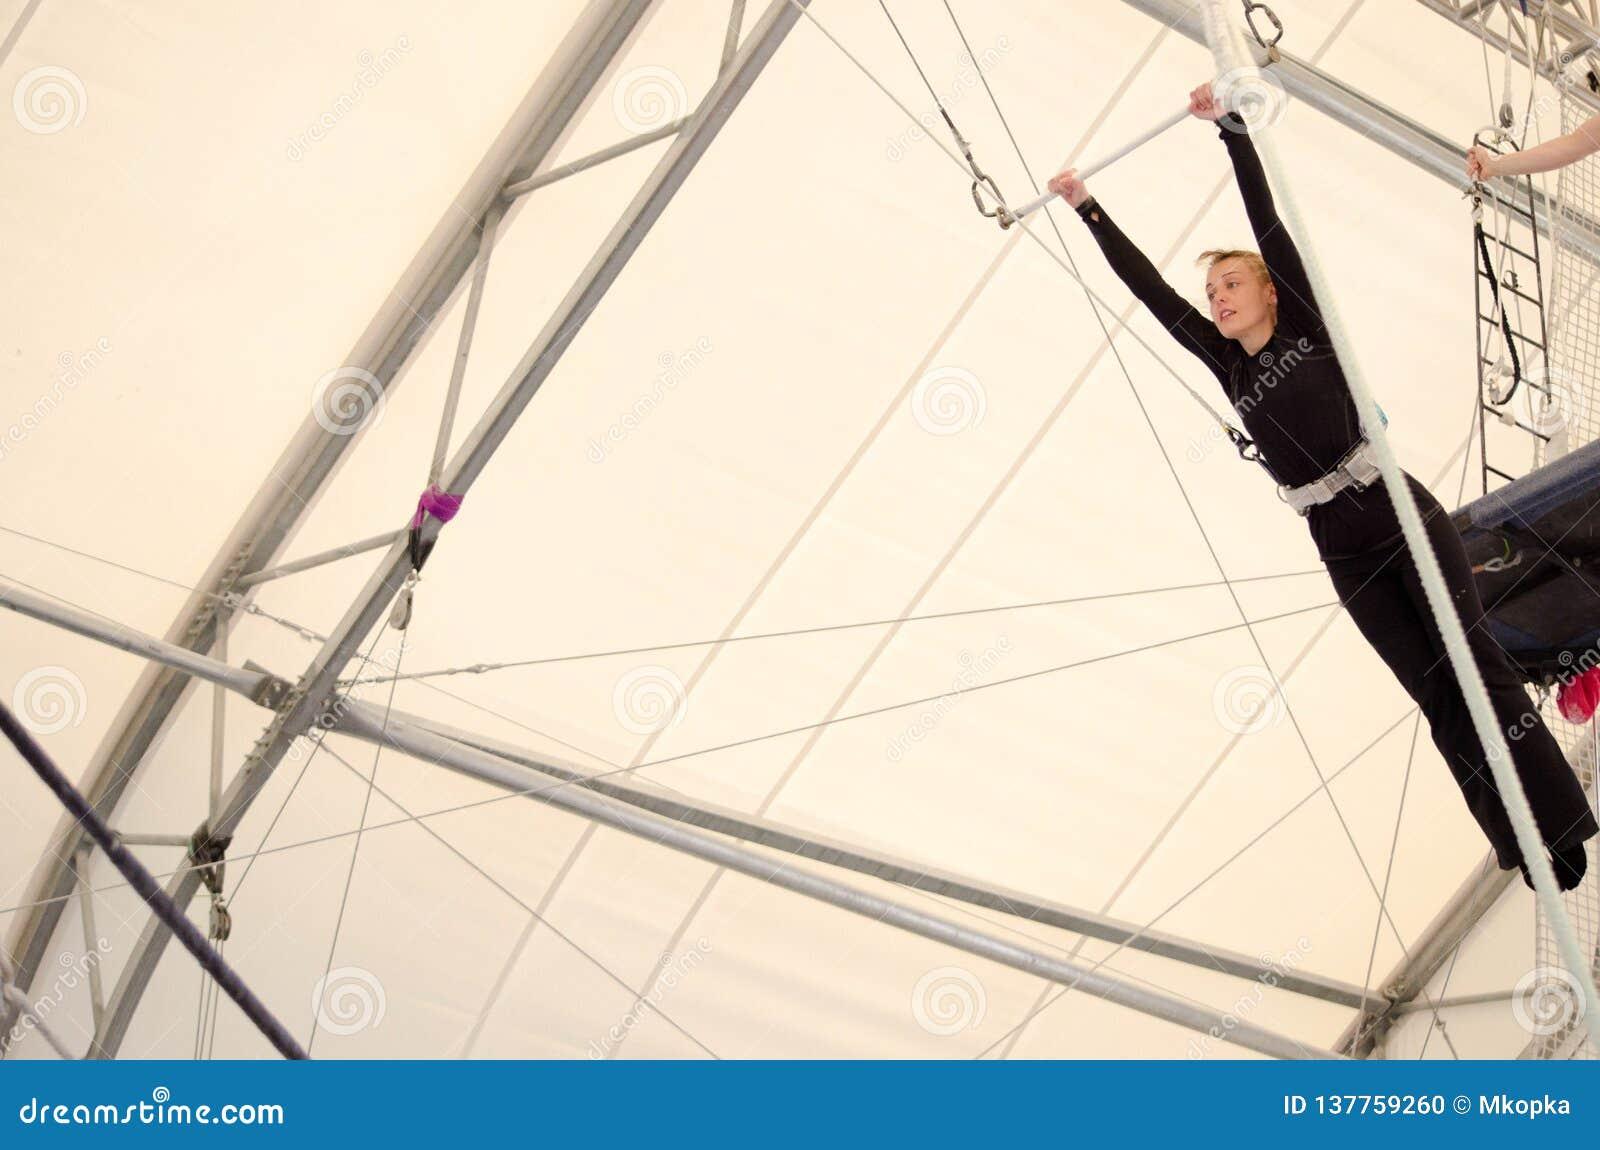 Uma fêmea adulta pendura em um trapézio de voo em um gym interno A mulher é um artista de trapézio amador